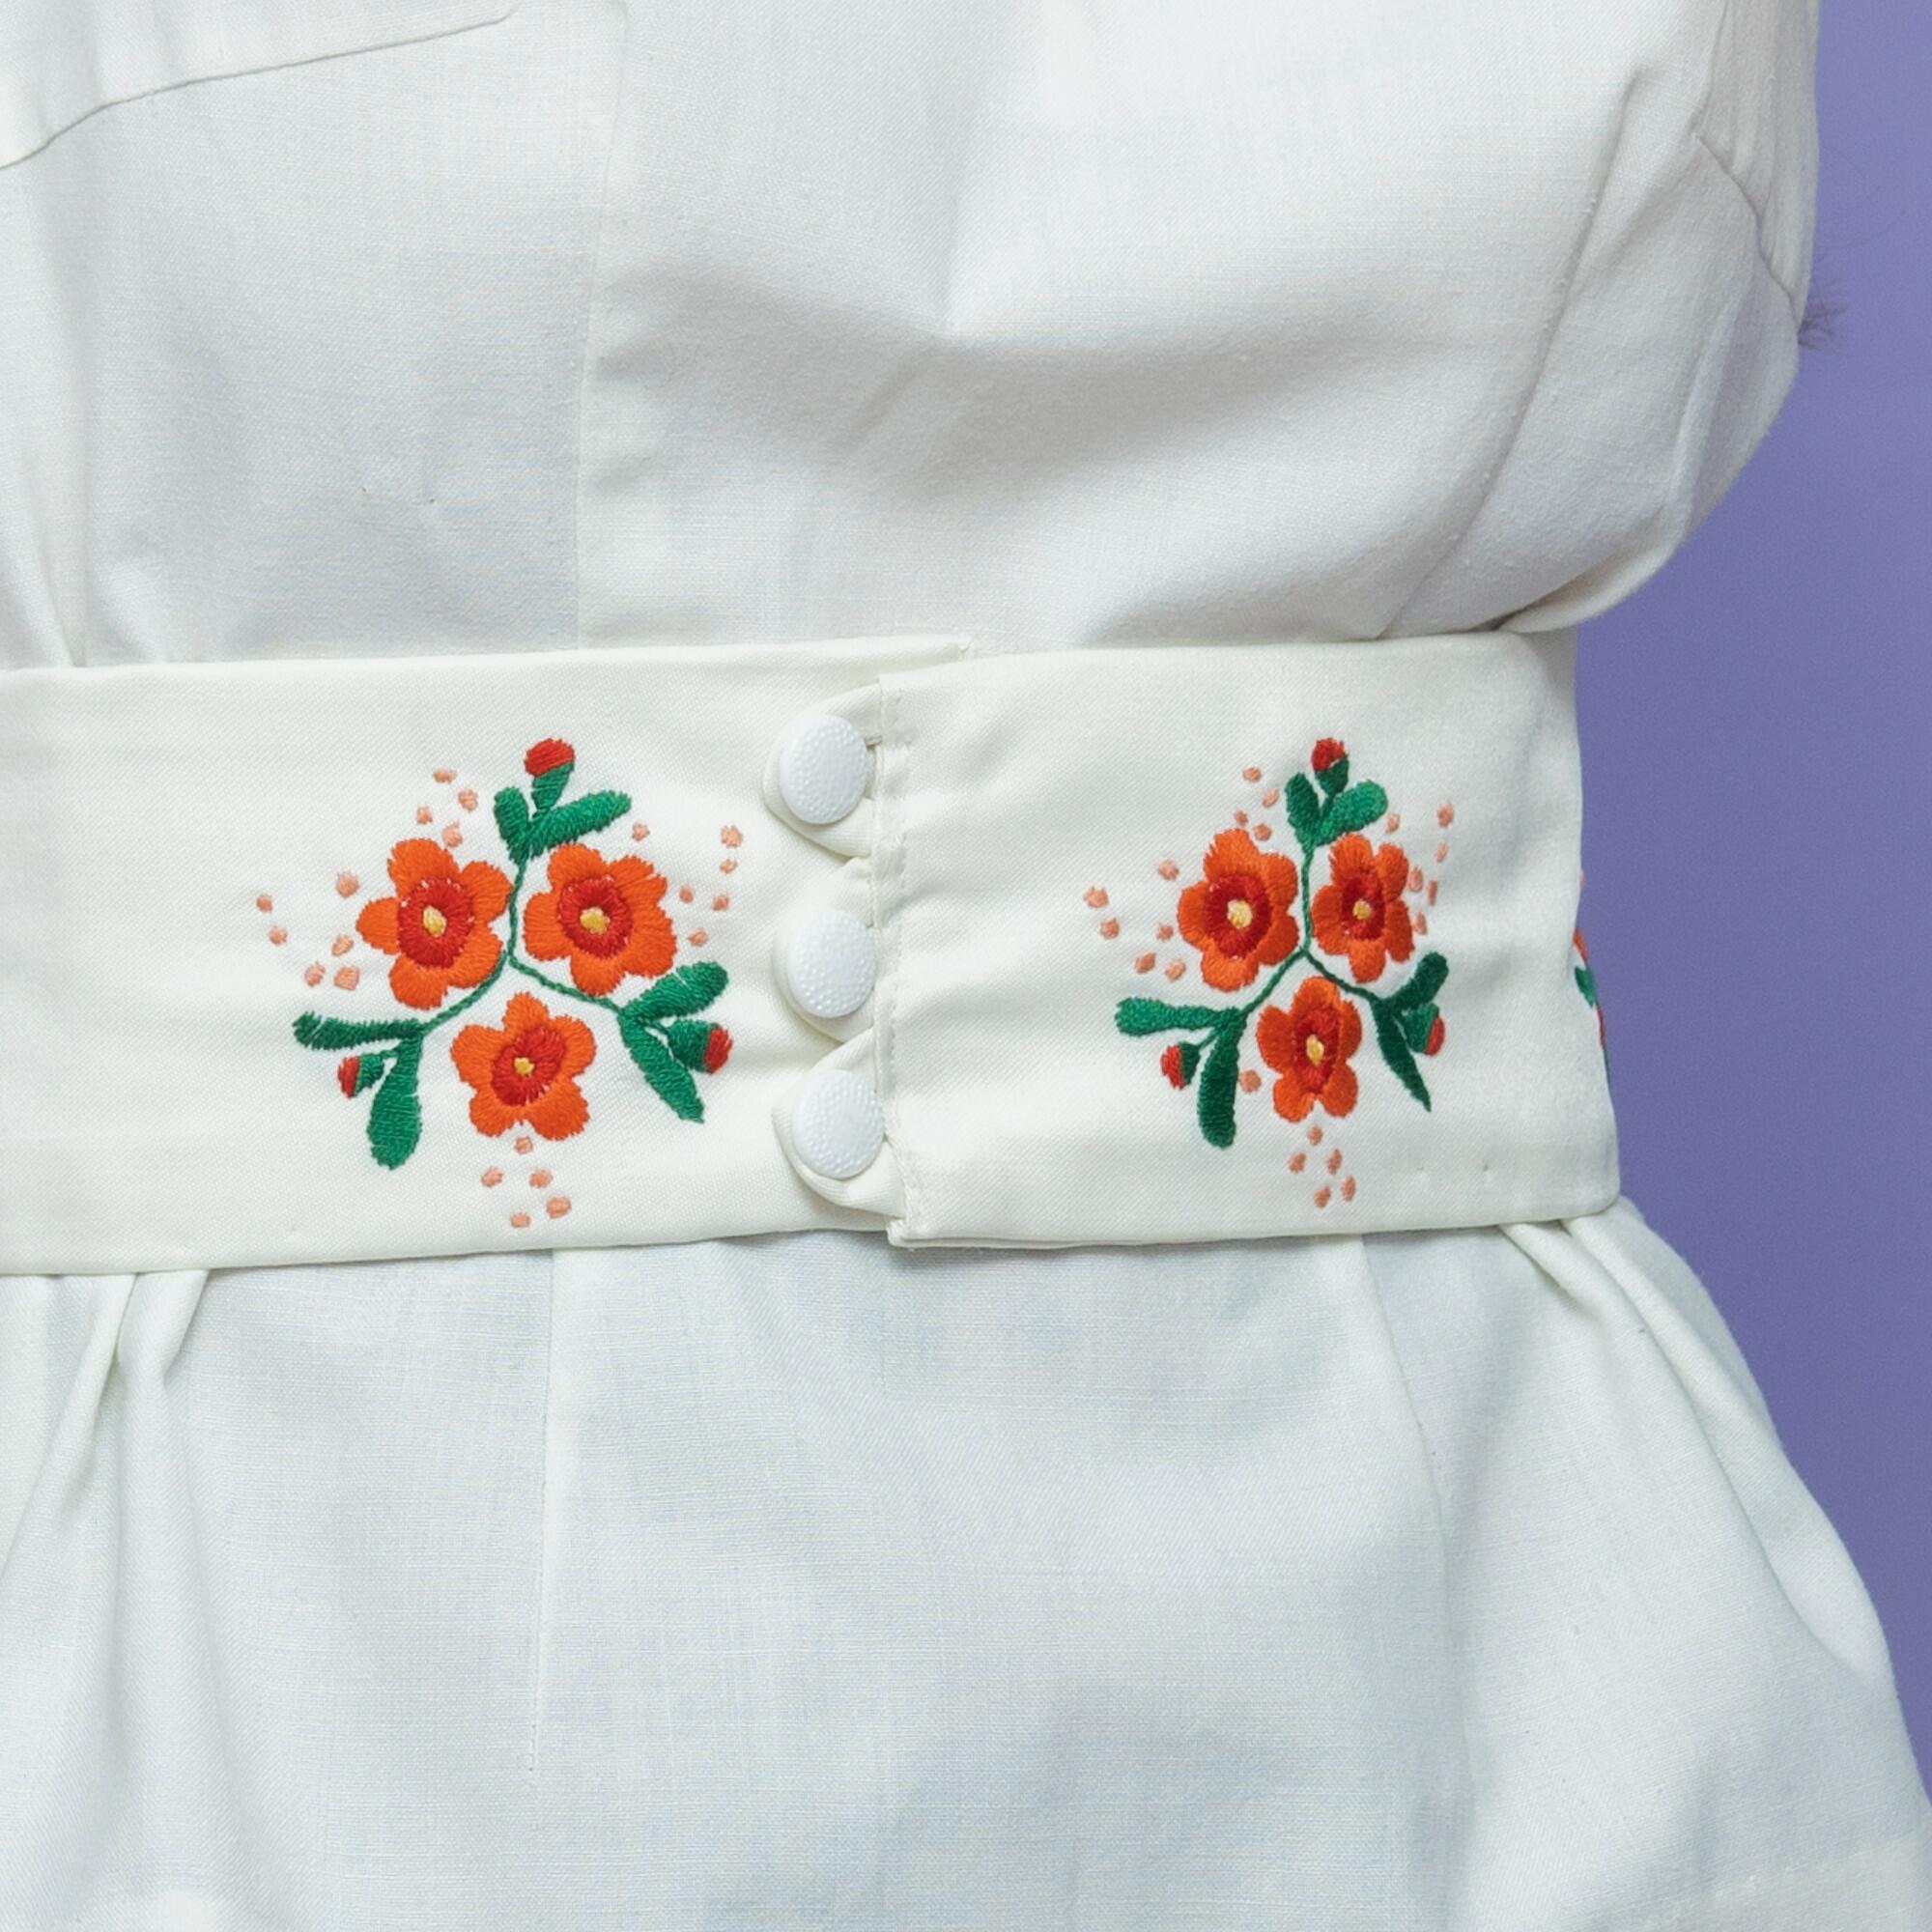 Biała bluzka z kremowym paskiem w folkowe haftowane kwiaty - KEX Vintage Store | JestemSlow.pl